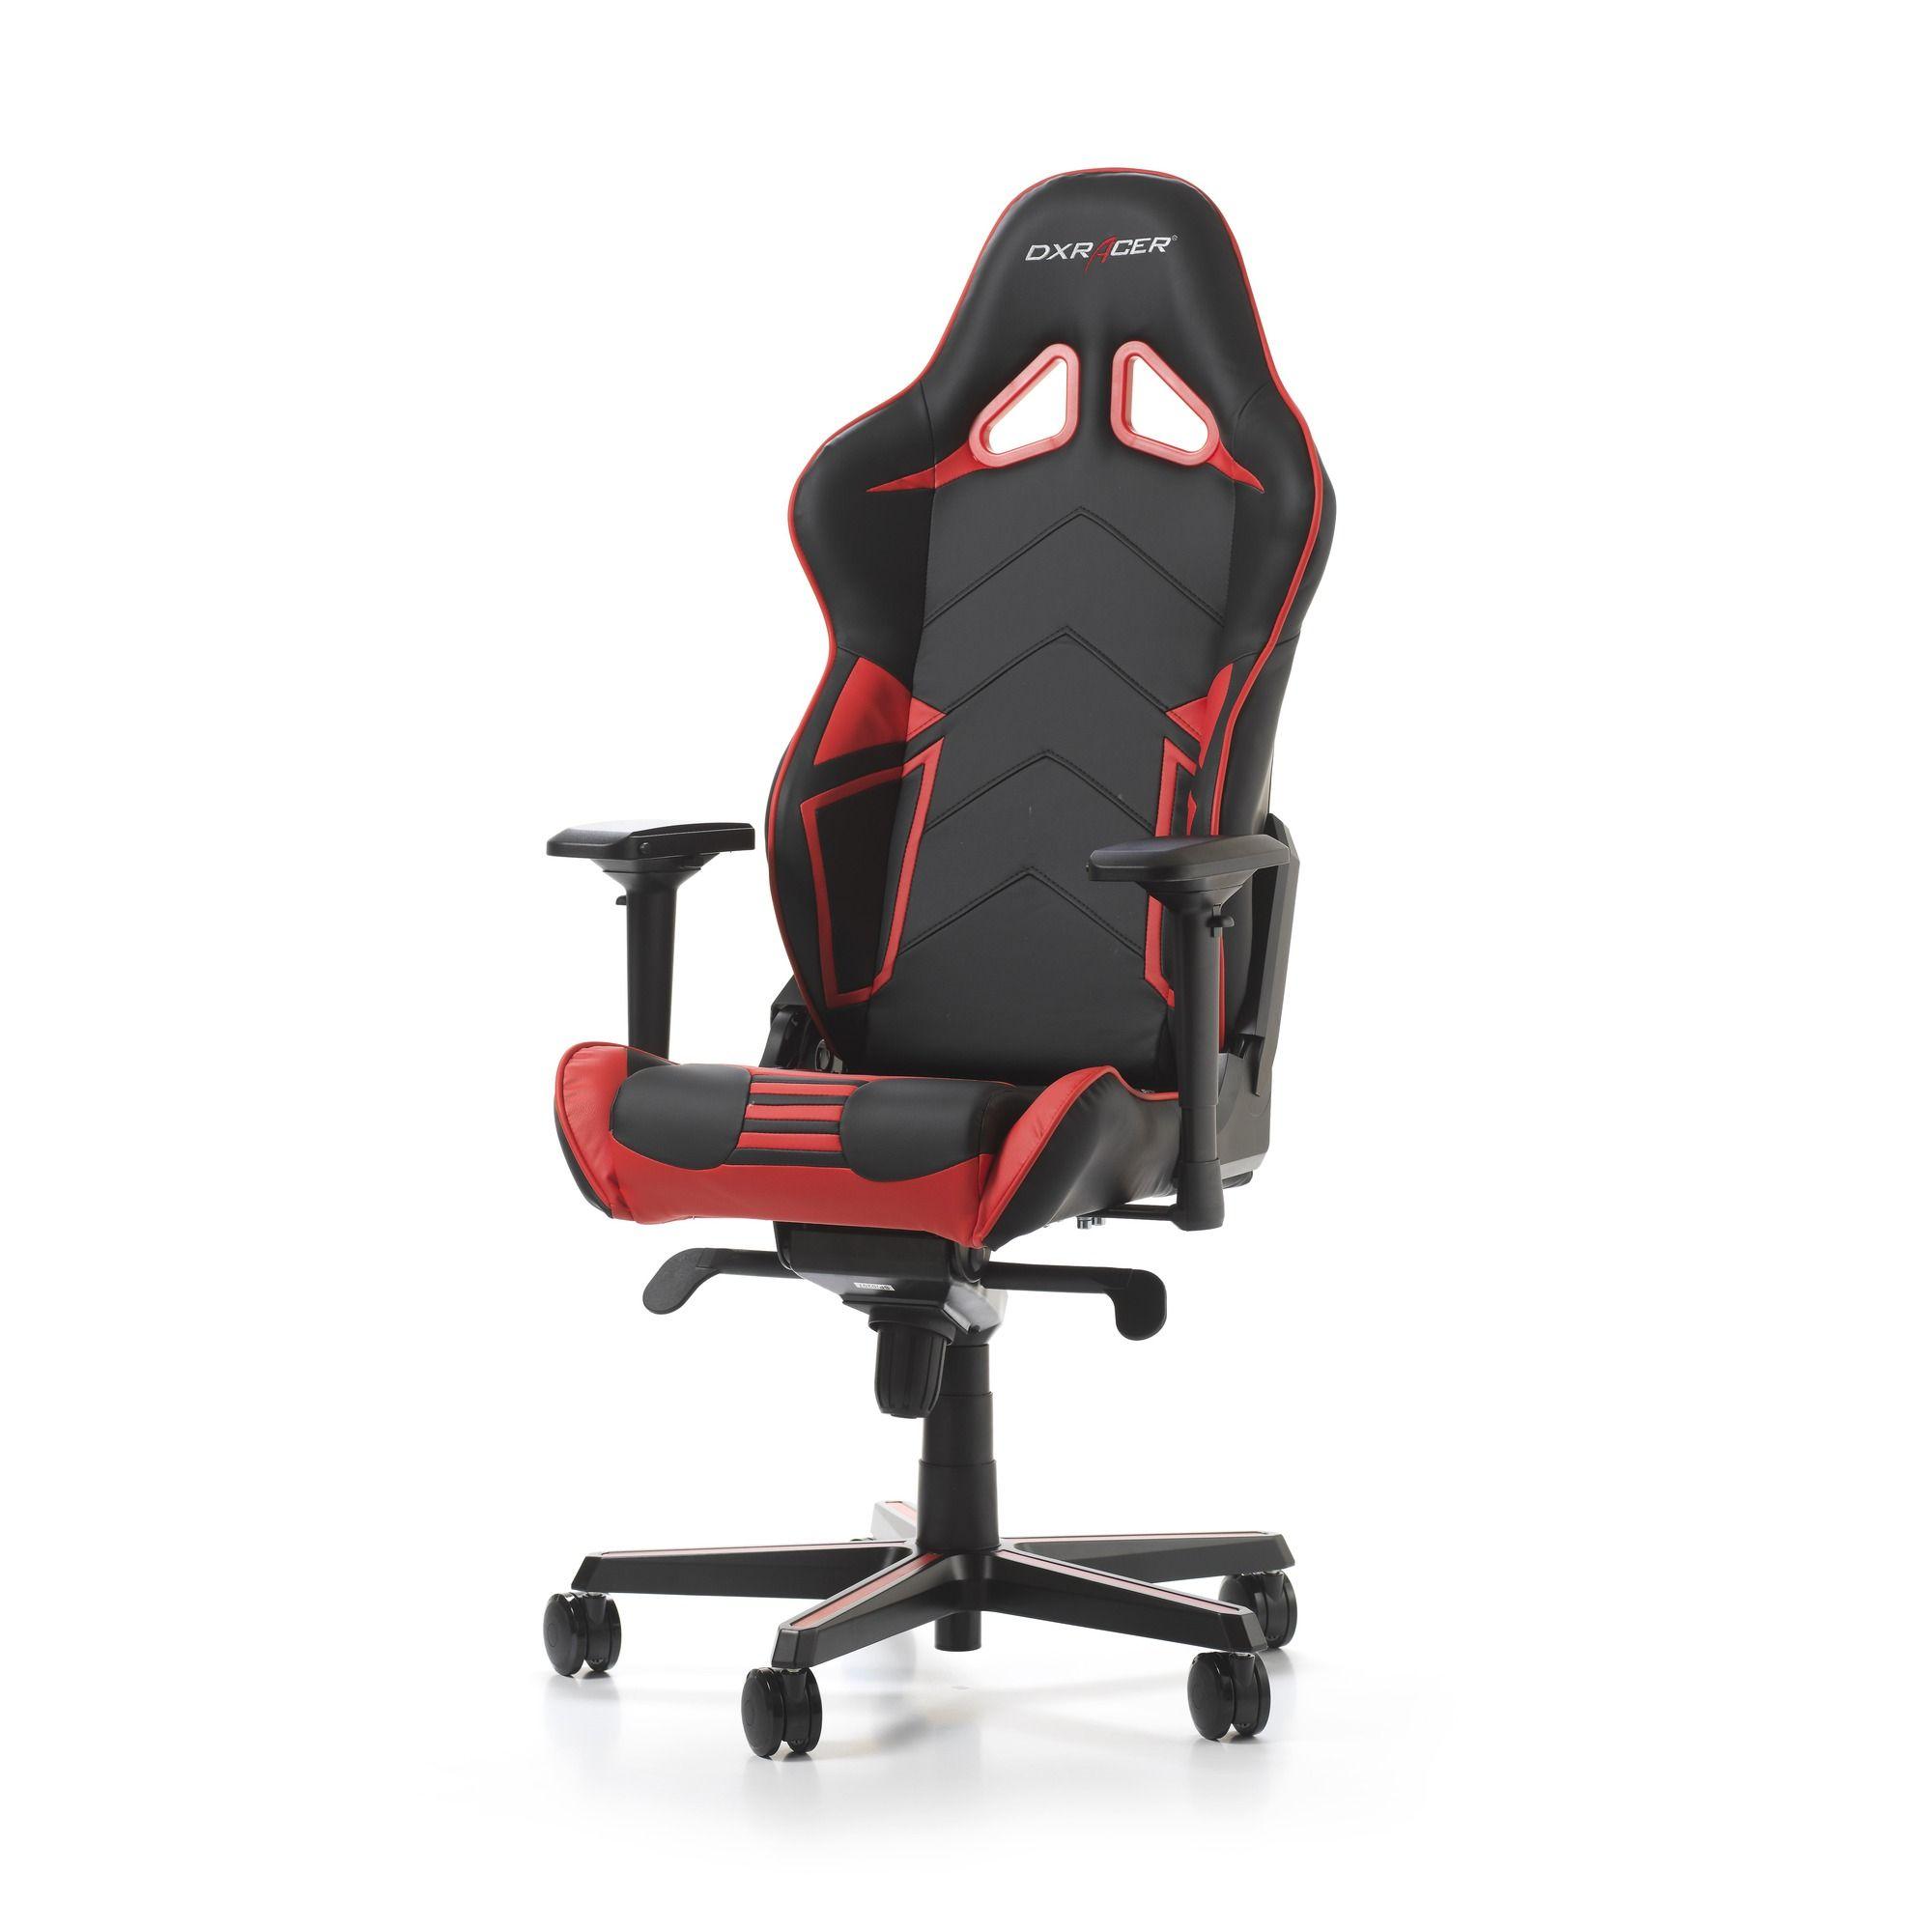 Гейминг стол DXRacer OH/RV131/NR - серия RACING V2, черен/червен - 10